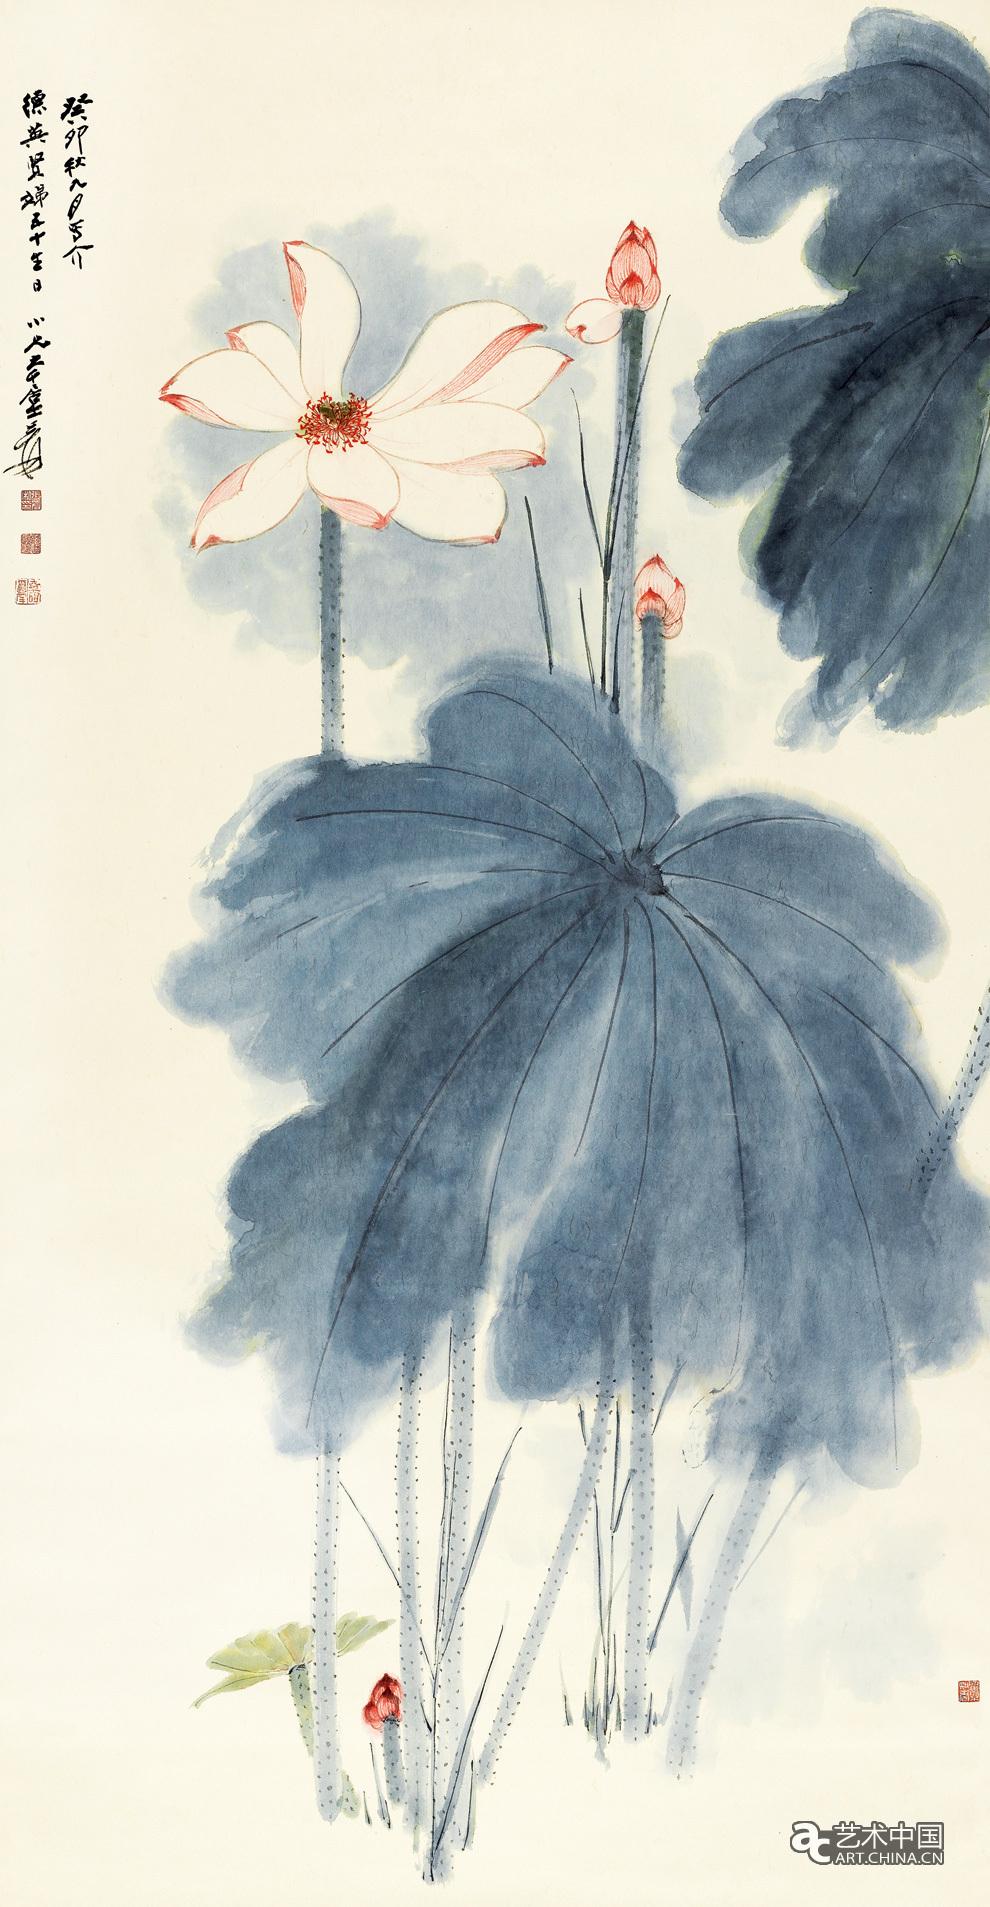 现代花鸟画.中国画.水墨画.二级图稿.艺术微喷.宣纸打印;  xhn_199.